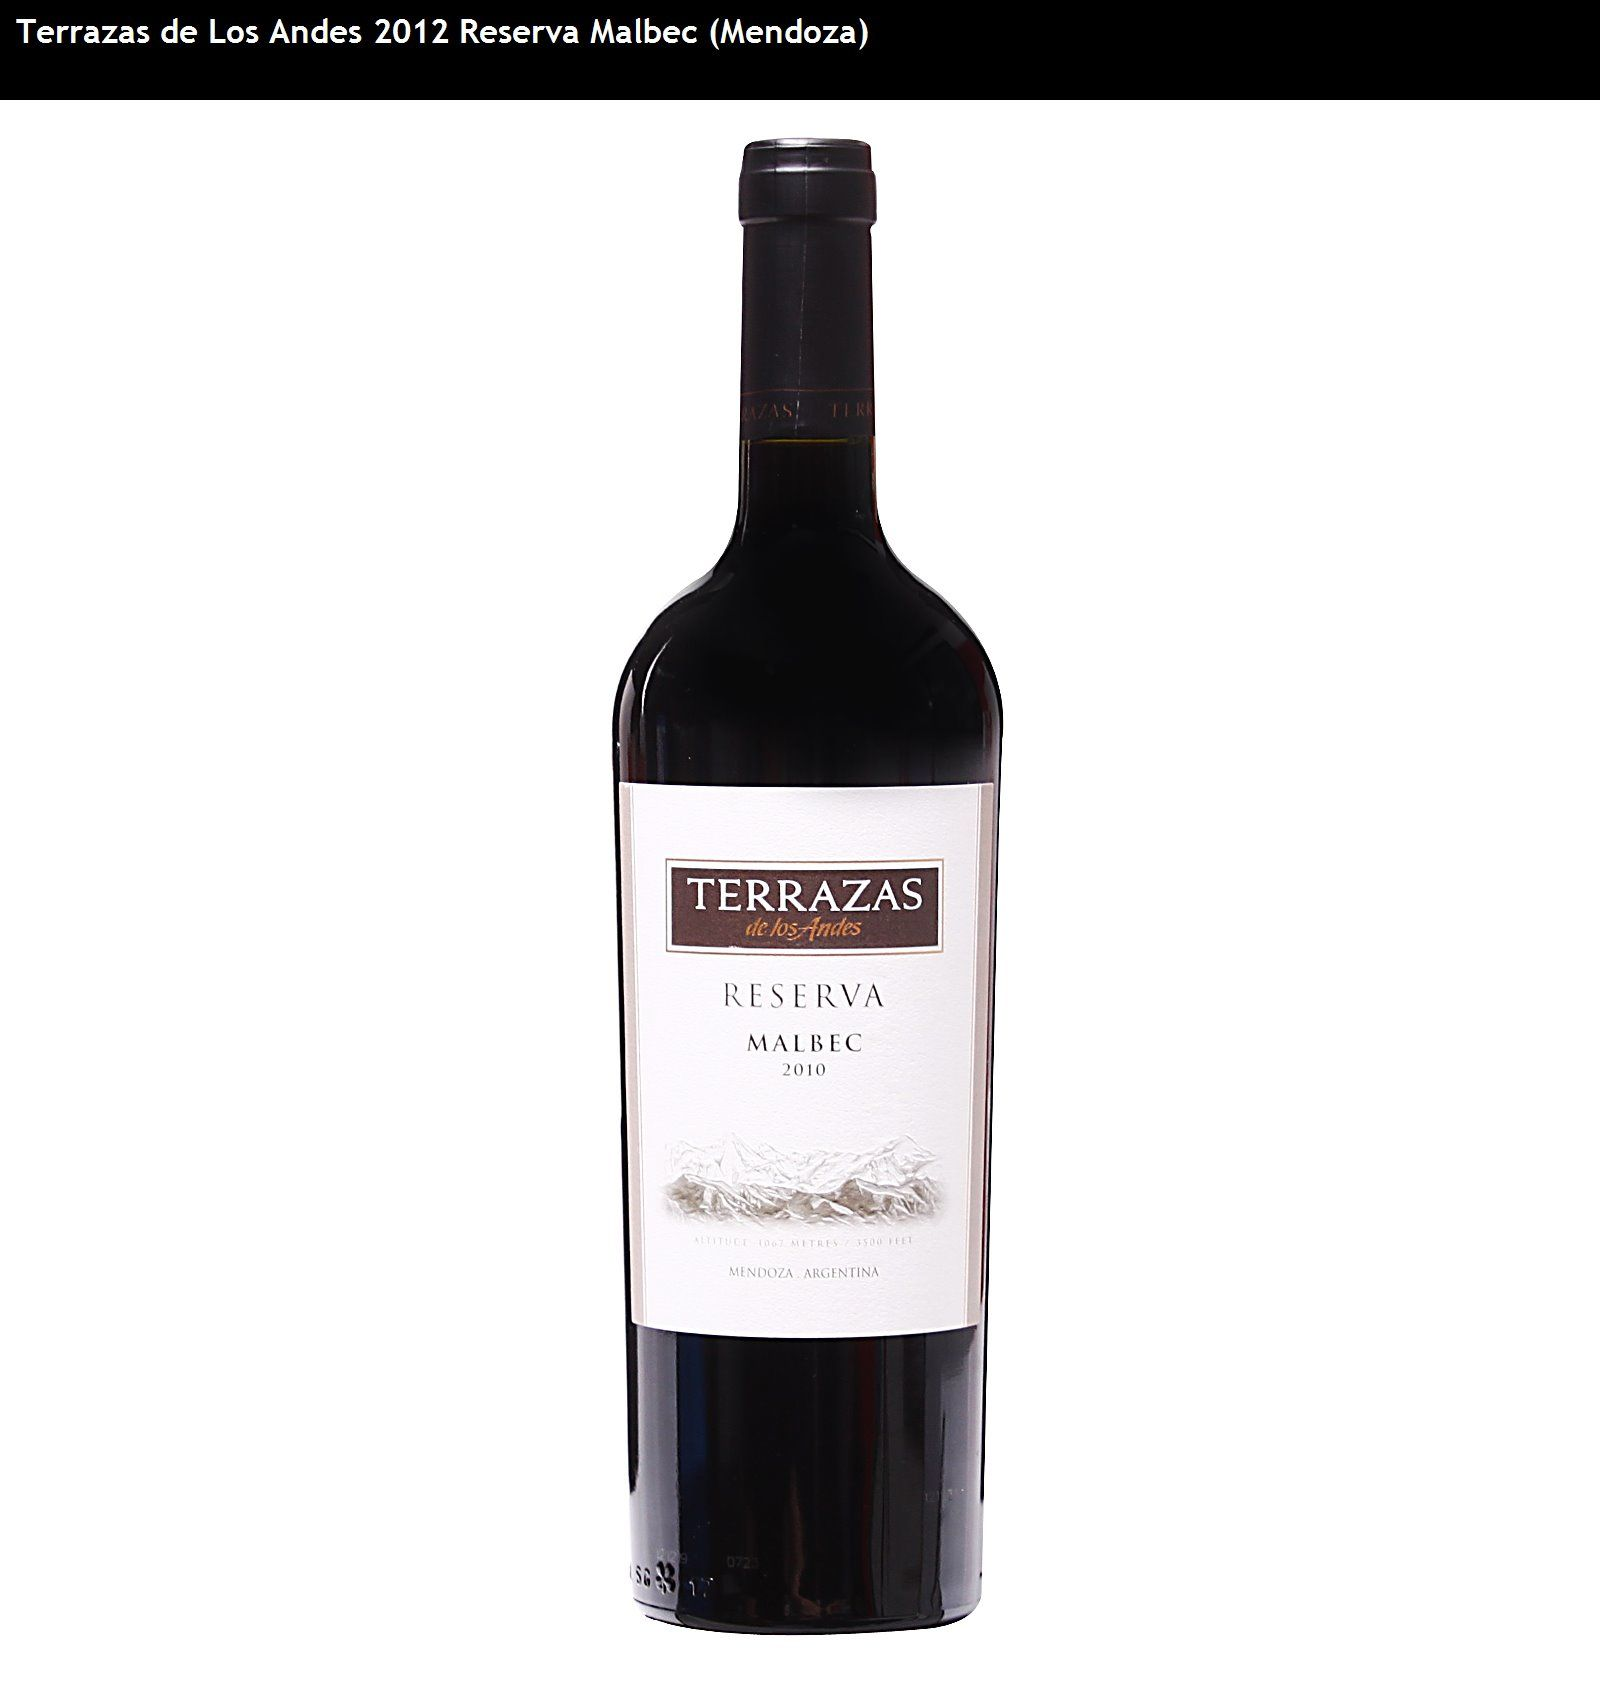 Terrazas De Los Andes 2012 Reserva Malbec Mendoza In 2020 Malbec Wine Taster Wine Bottle